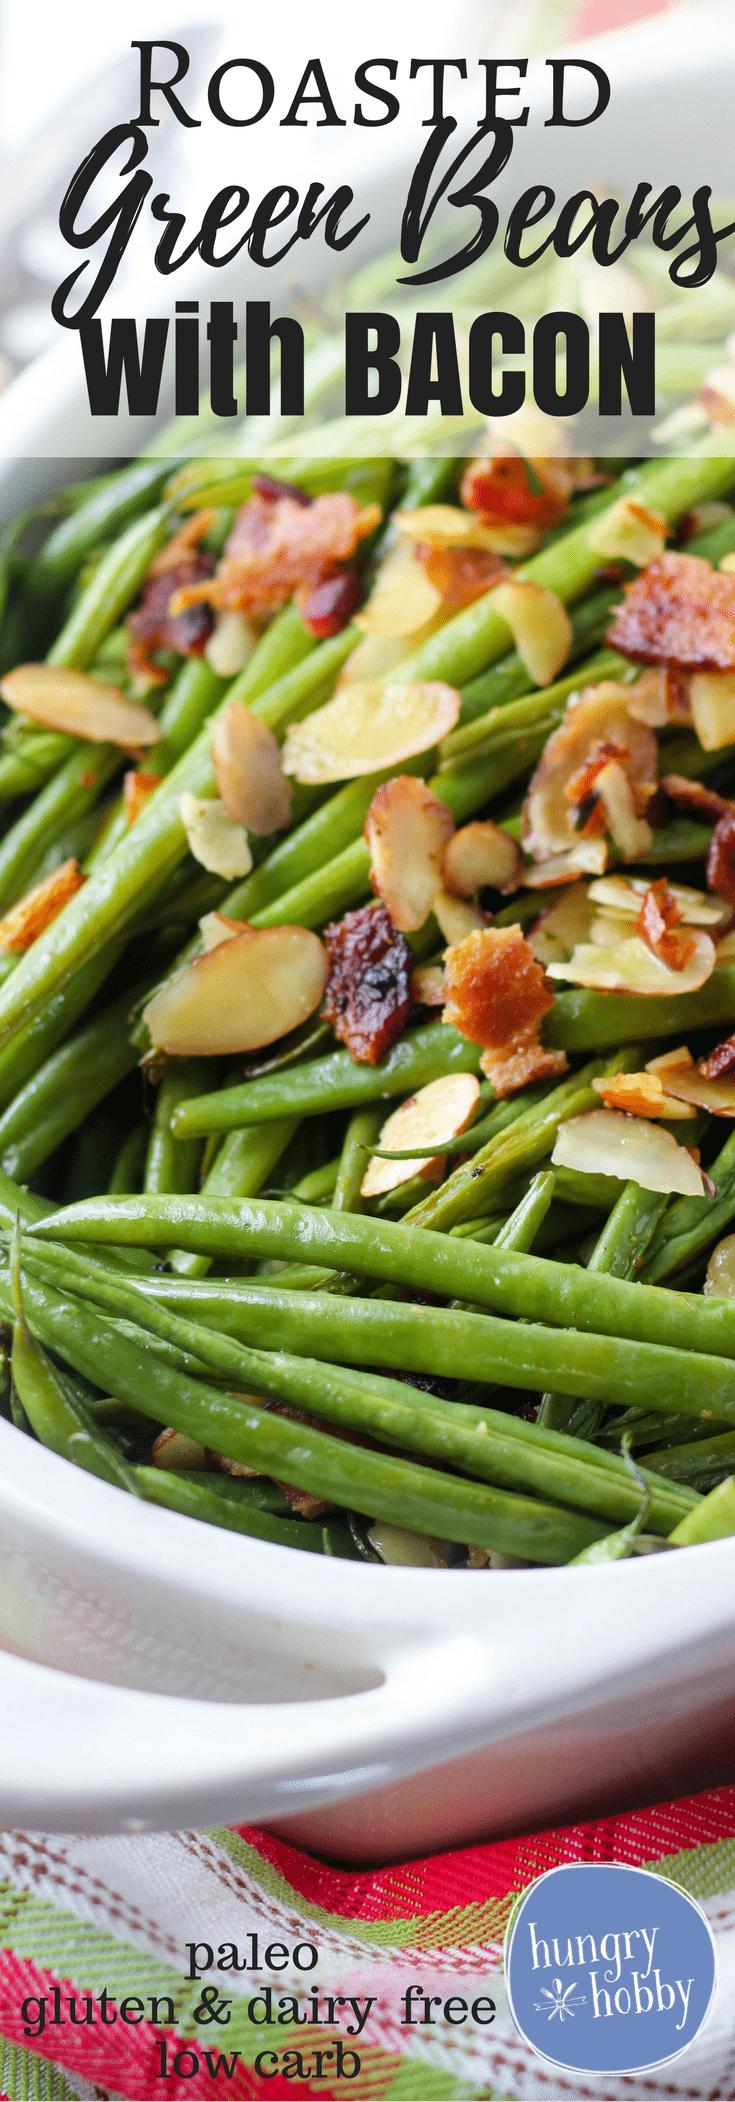 bacon-green-beans-paleo-recipe-via-hungryhobby-net